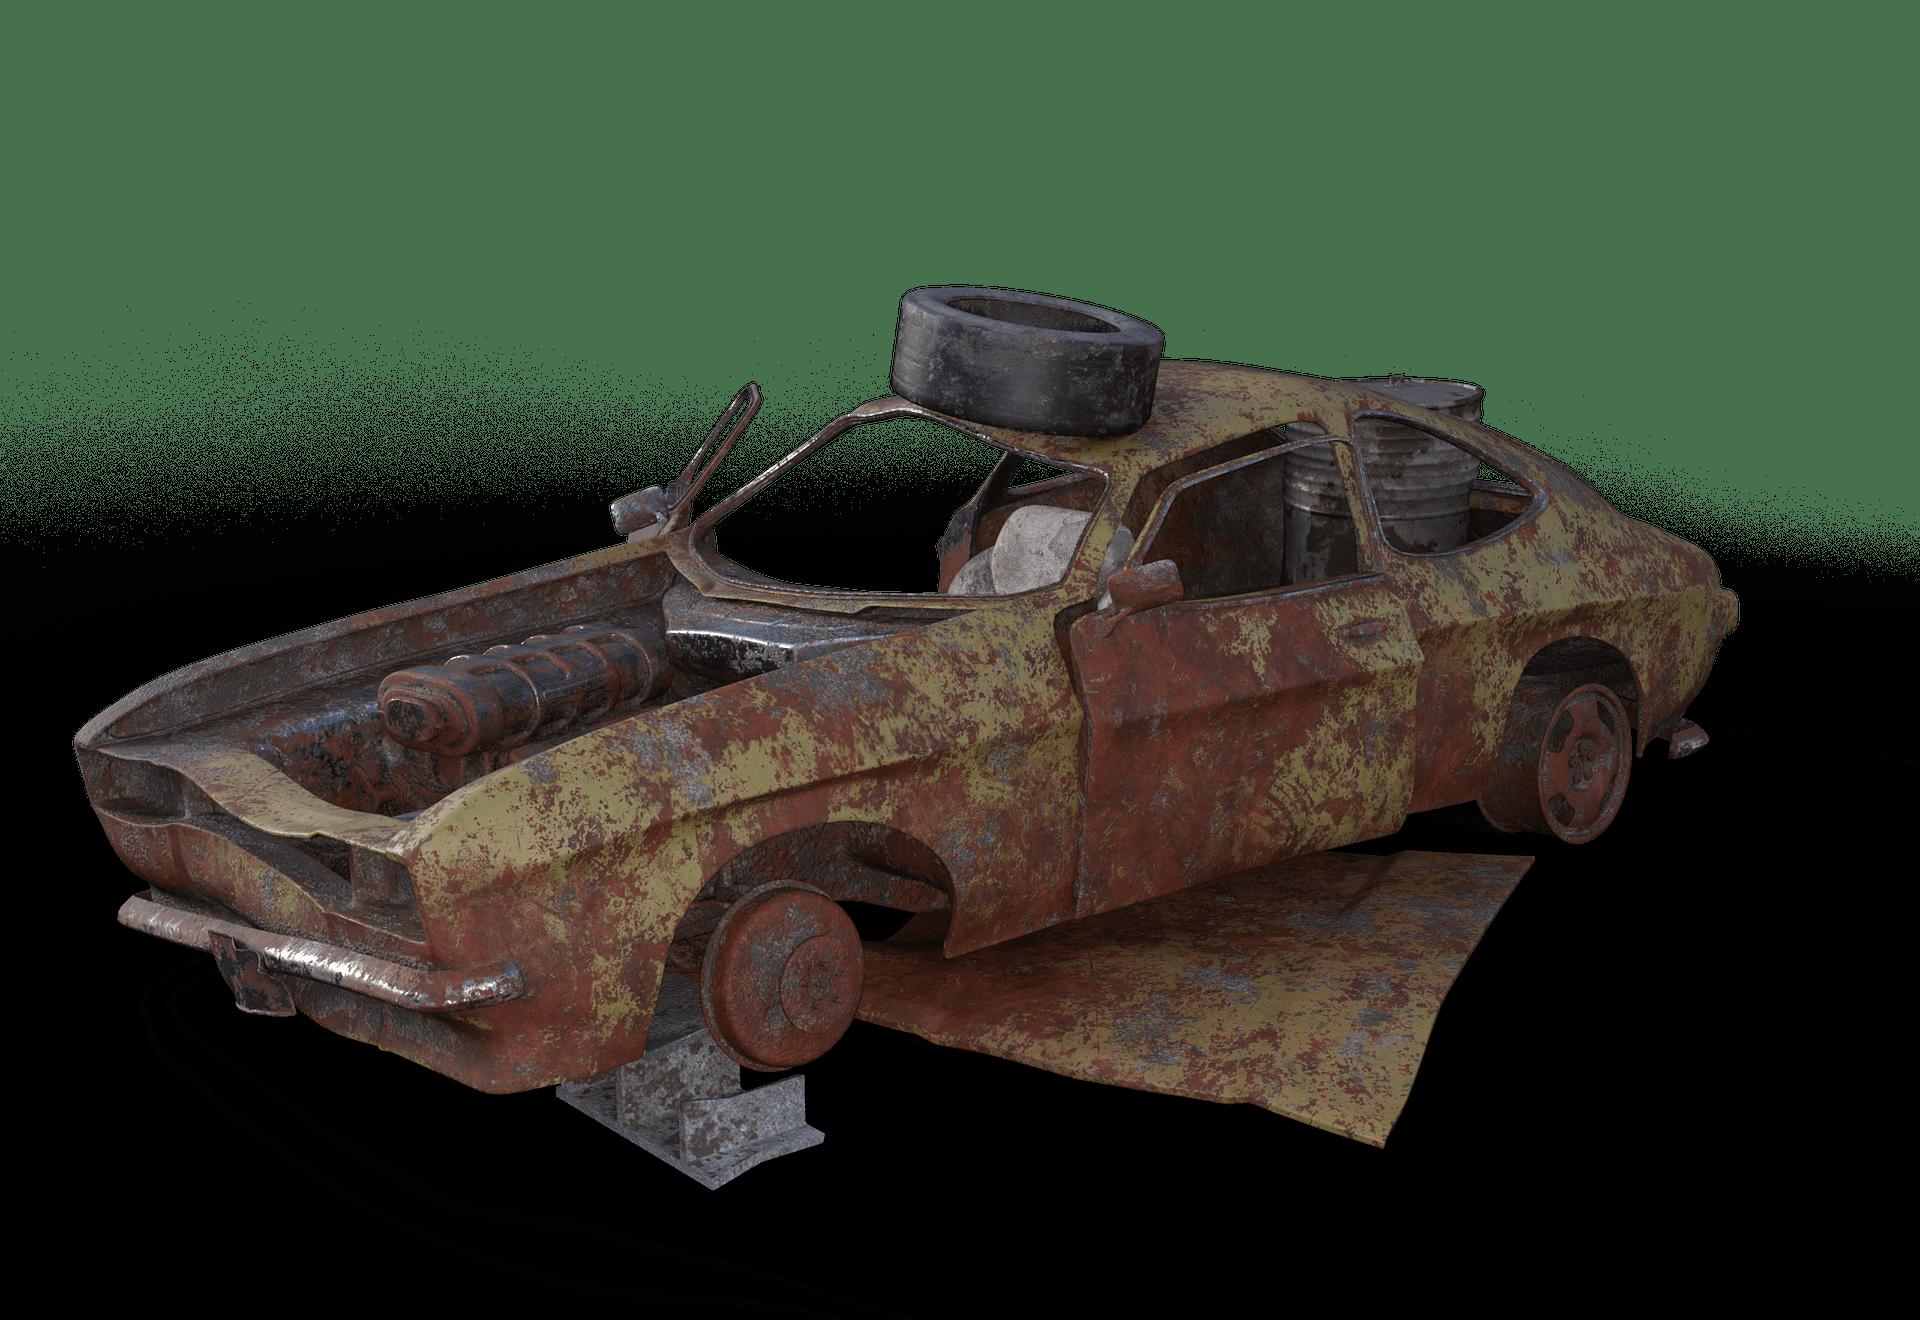 Buy scrap cars near Arlington MA